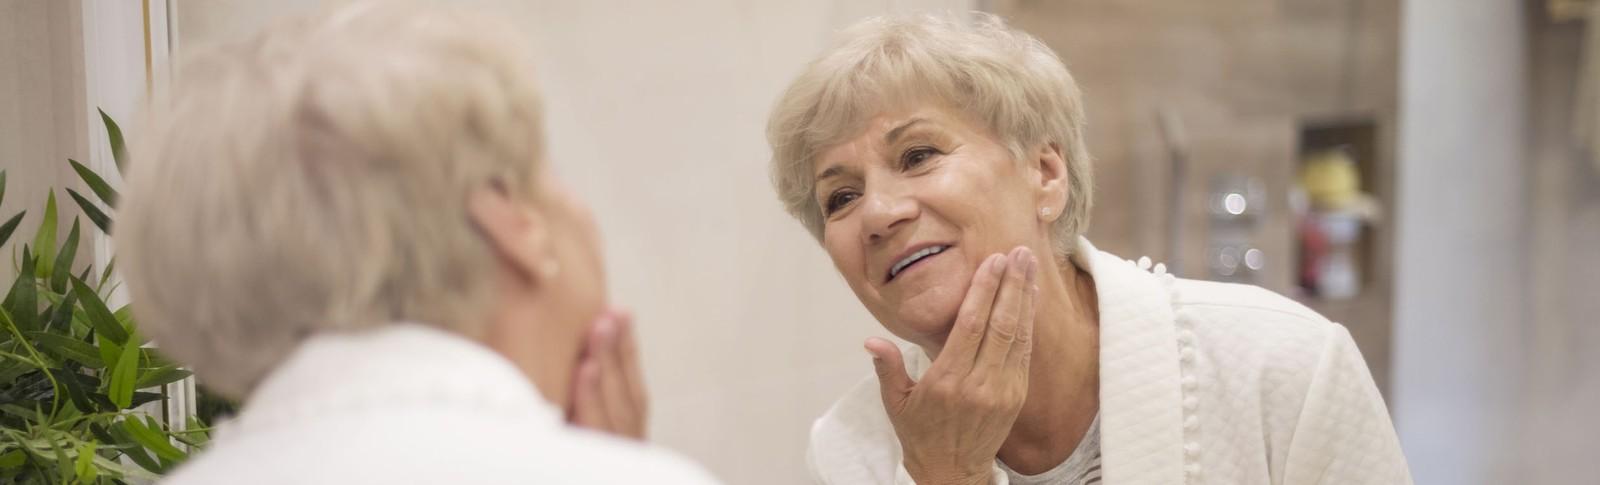 Ältere Patientin betrachtet sich nach einem Wangenlifting in den Moser Kliniken im Spiegel